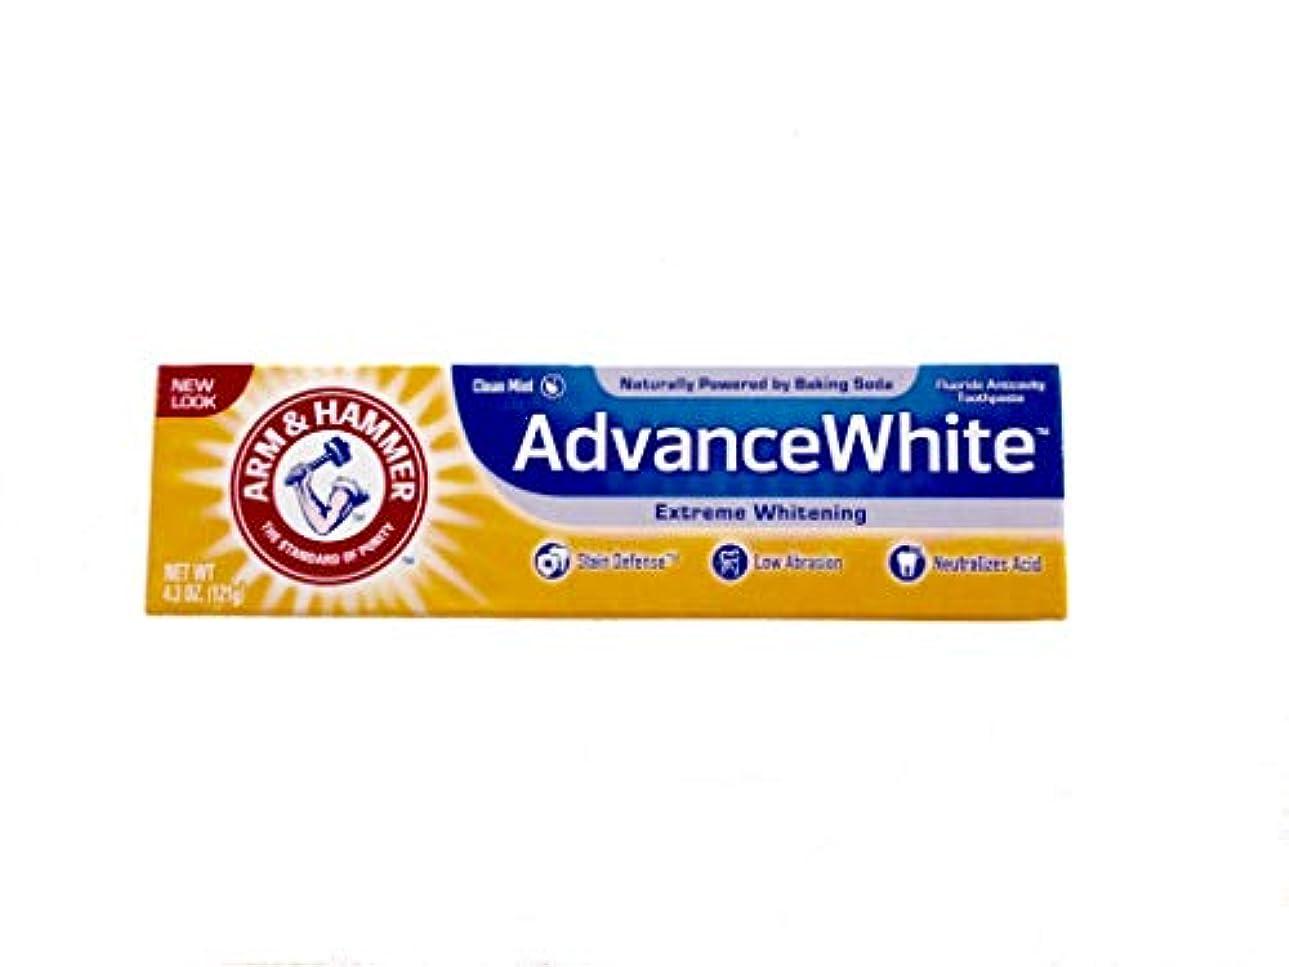 召集するメッセージ保安Arm & Hammer Advance White Fluoride Anti-Cavity Toothpaste with Baking Soda & Peroxide - 4.3 oz by Arm & Hammer...